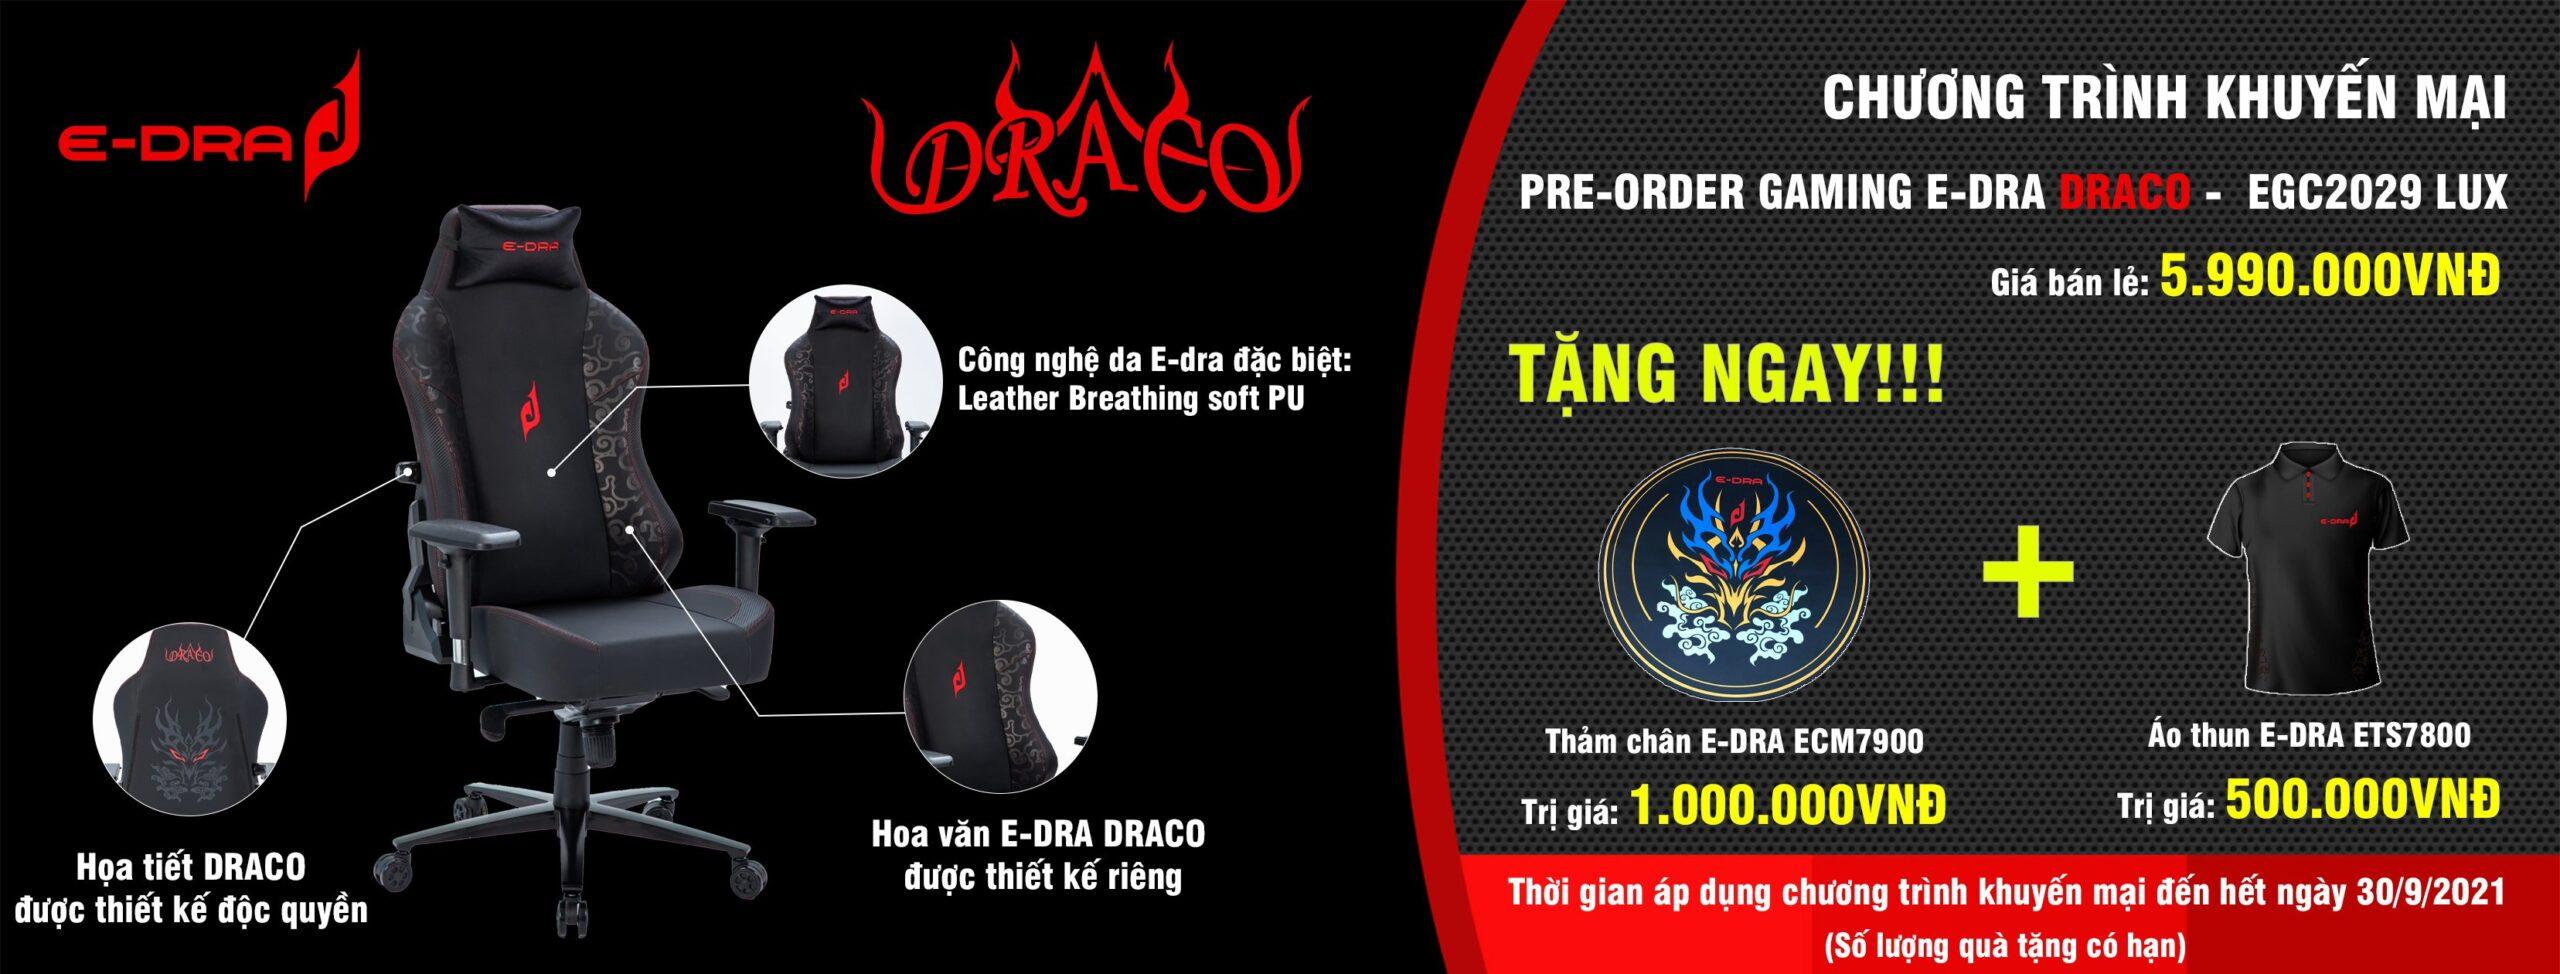 e-dra draco egc2029 lux pre order